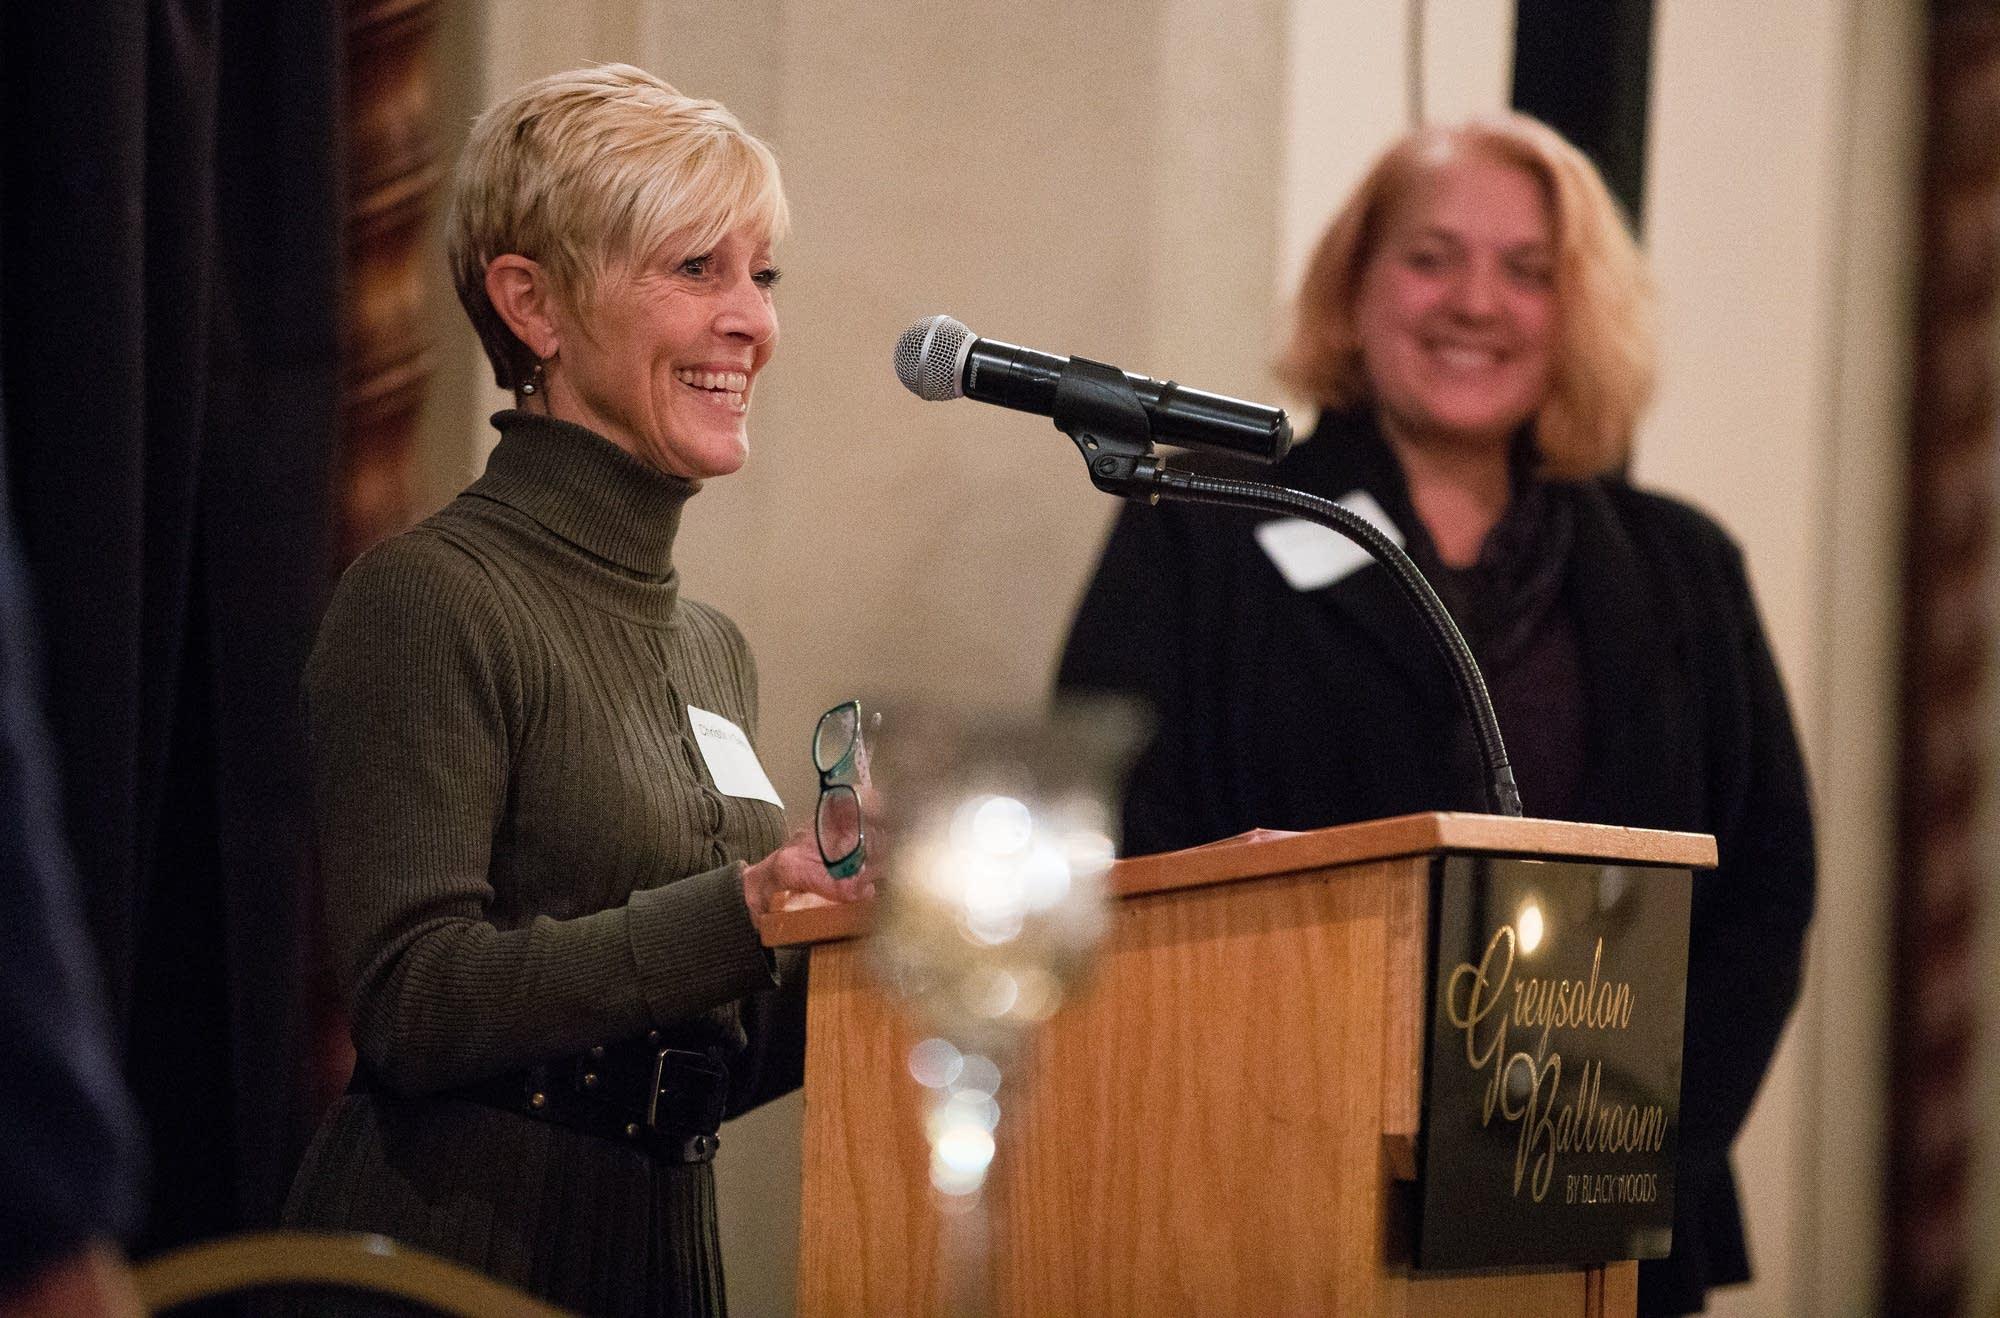 Duluth Playhouse director Christine Seitz